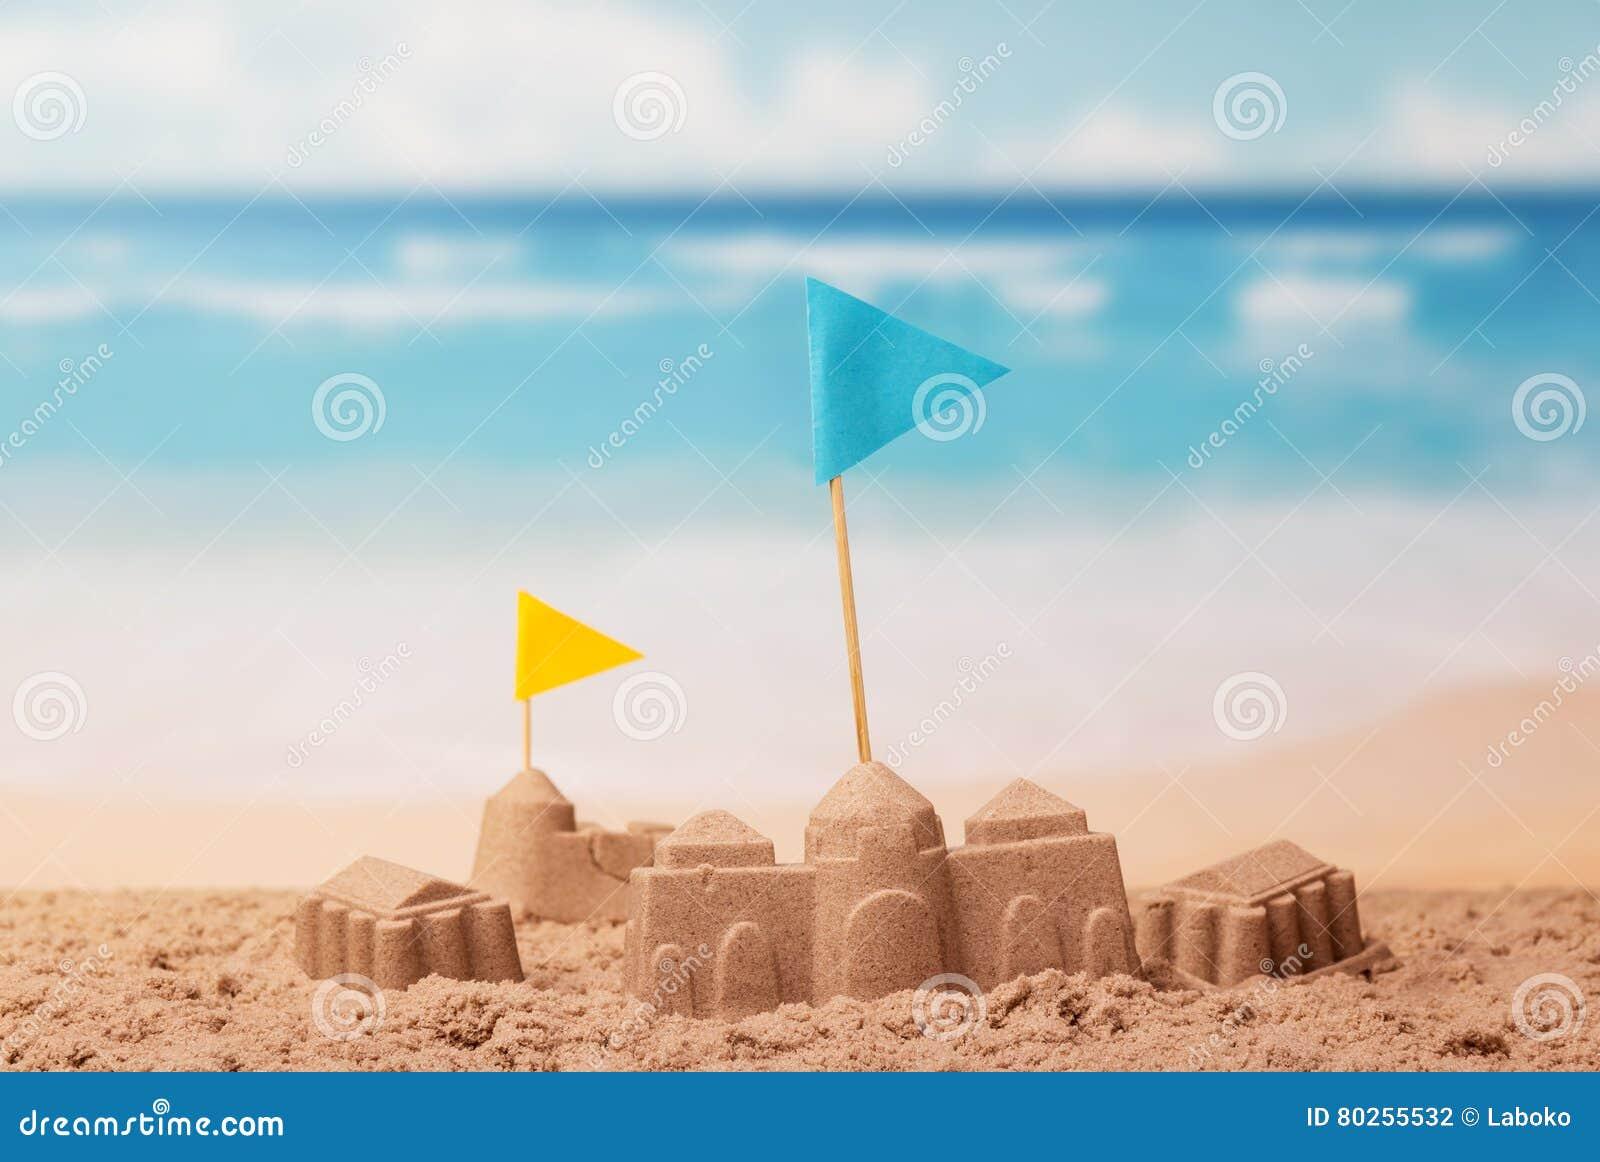 Lixe castelos e torres com as bandeiras no fundo do mar